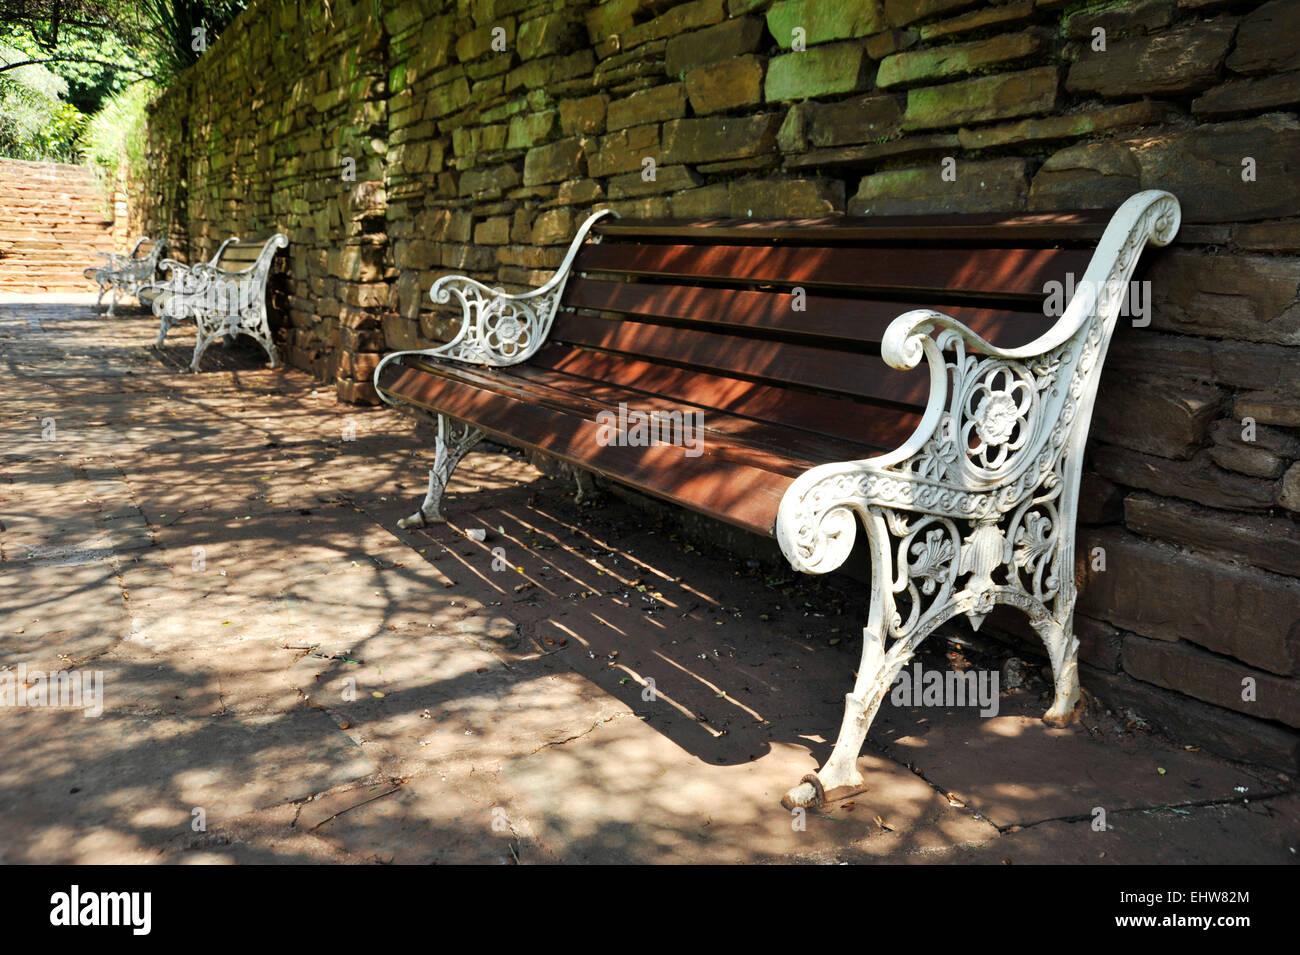 Panchine Da Giardino Legno E Ghisa : Fila esterna di ghisa e panchine di legno giardino botanico durban